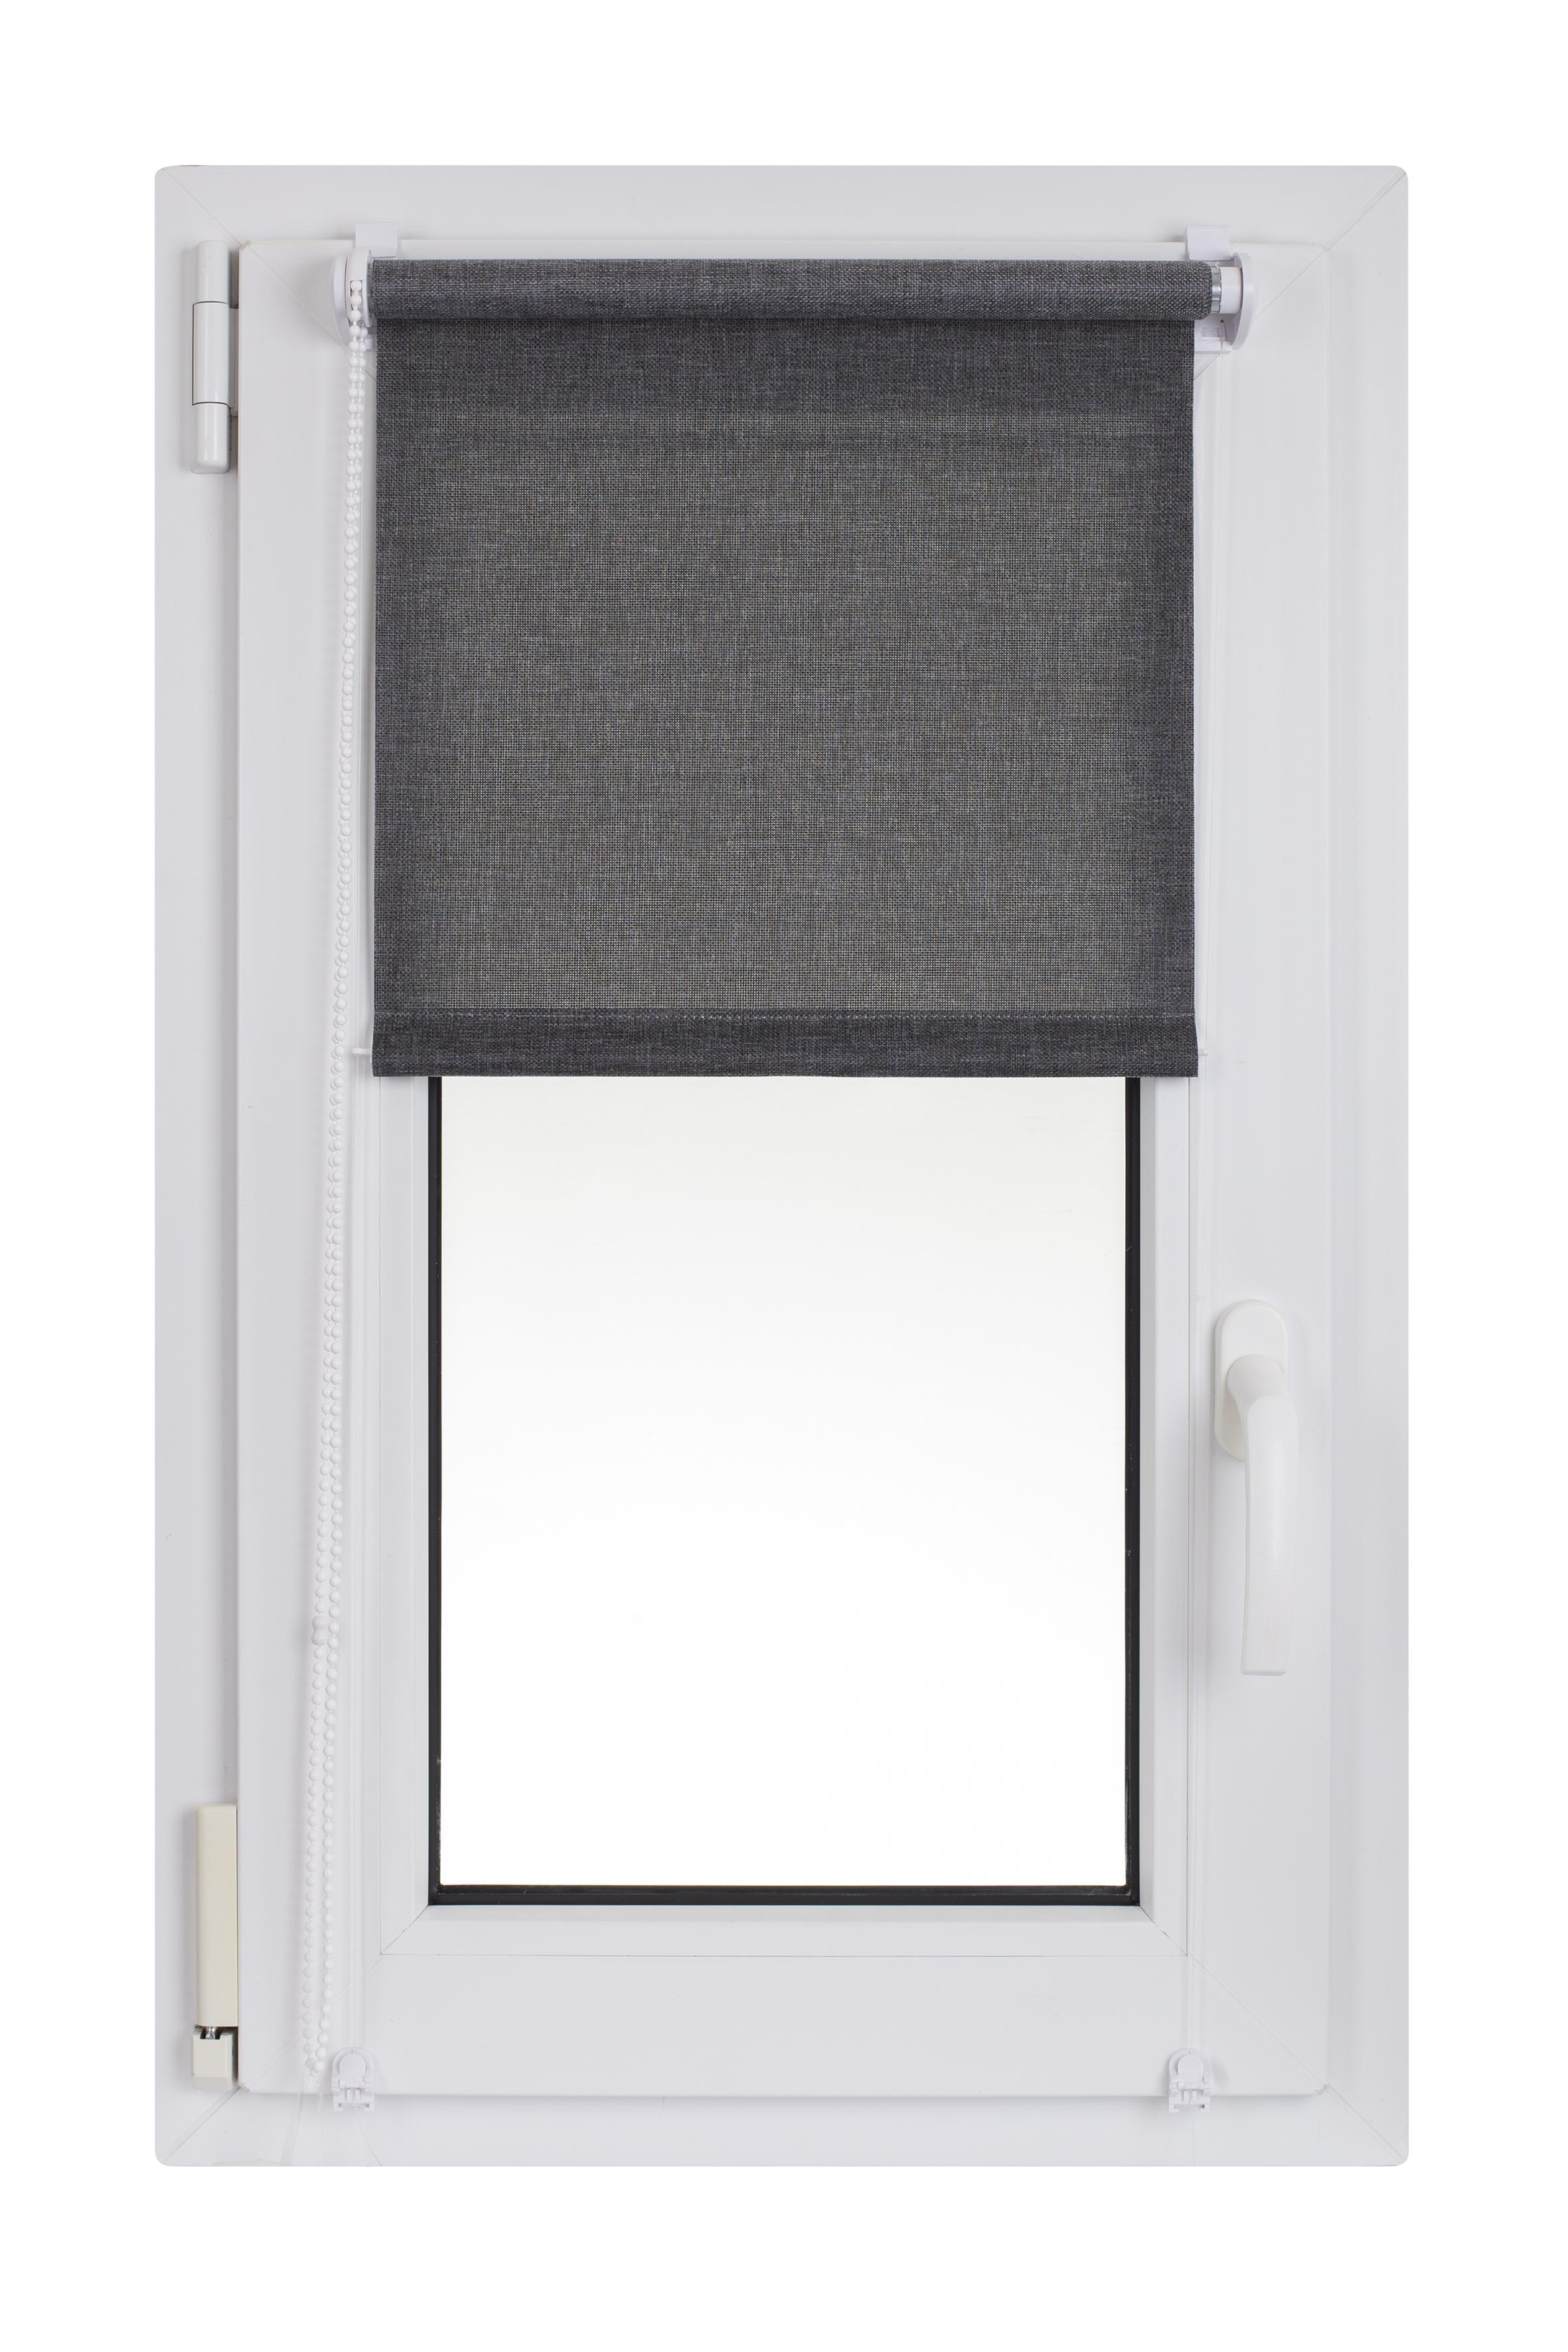 Roleta Madrid 42 x 150 cm tmavě šedá č. 866 Macher